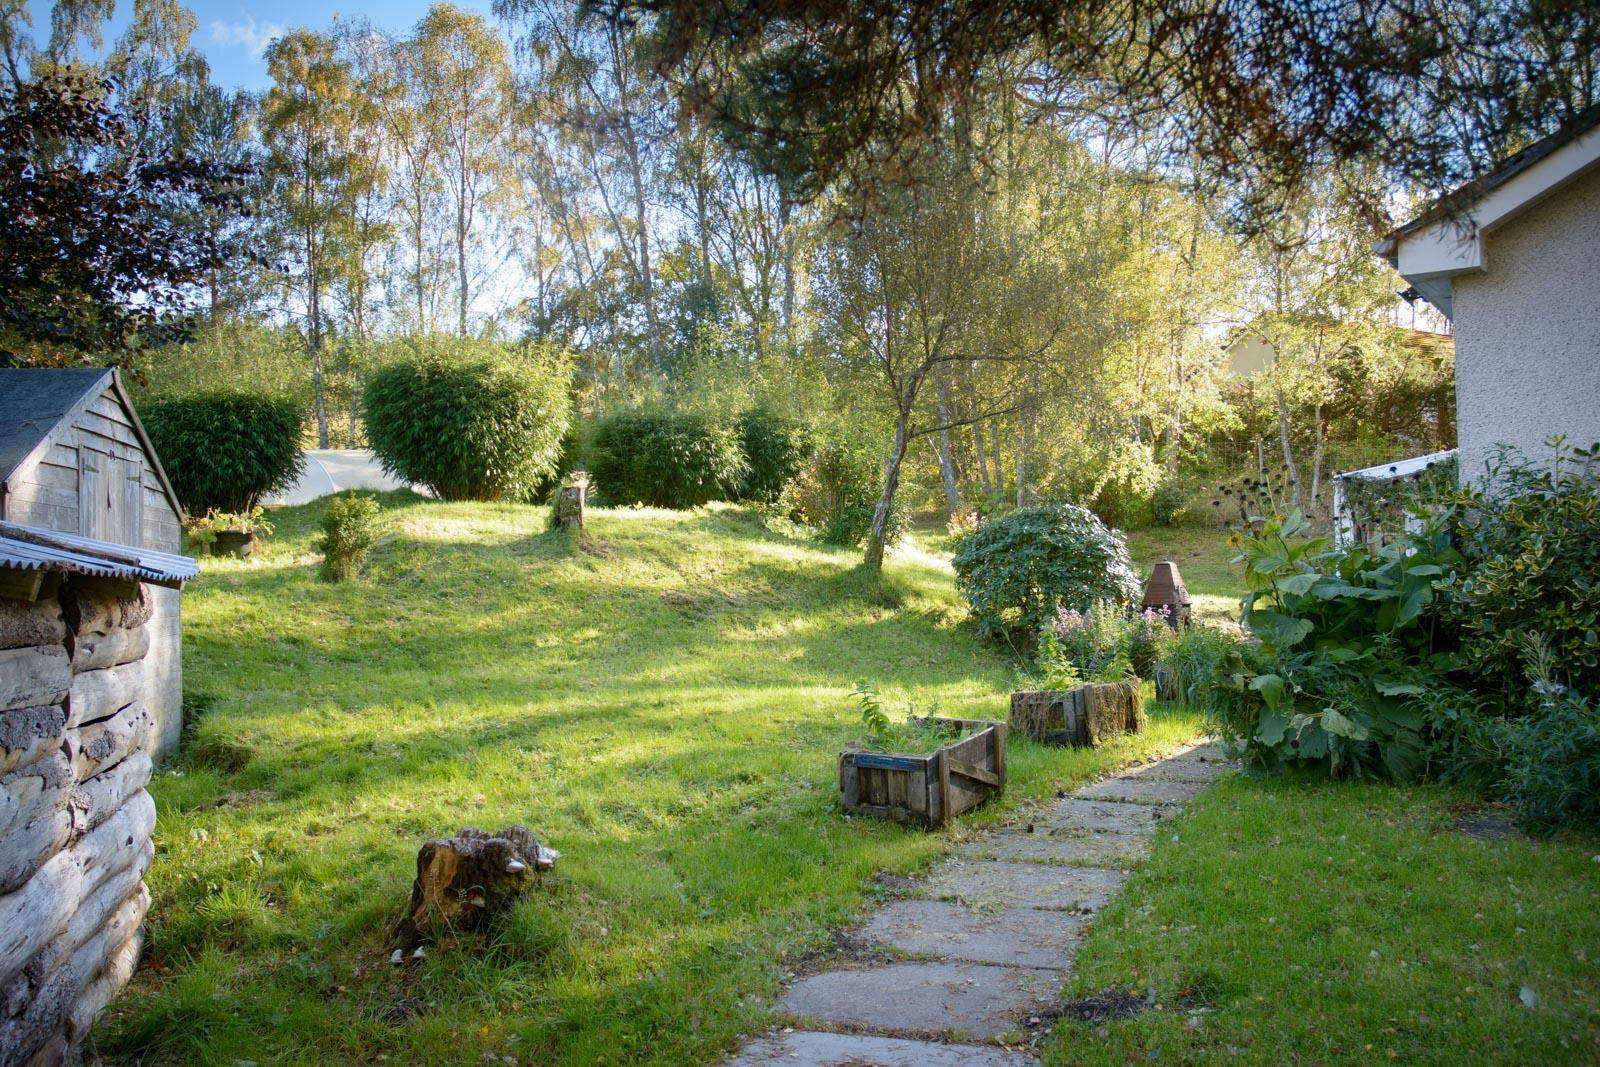 Carndail, Dall, Kinloch Rannoch, Perthshire, PH17 2QH, UK